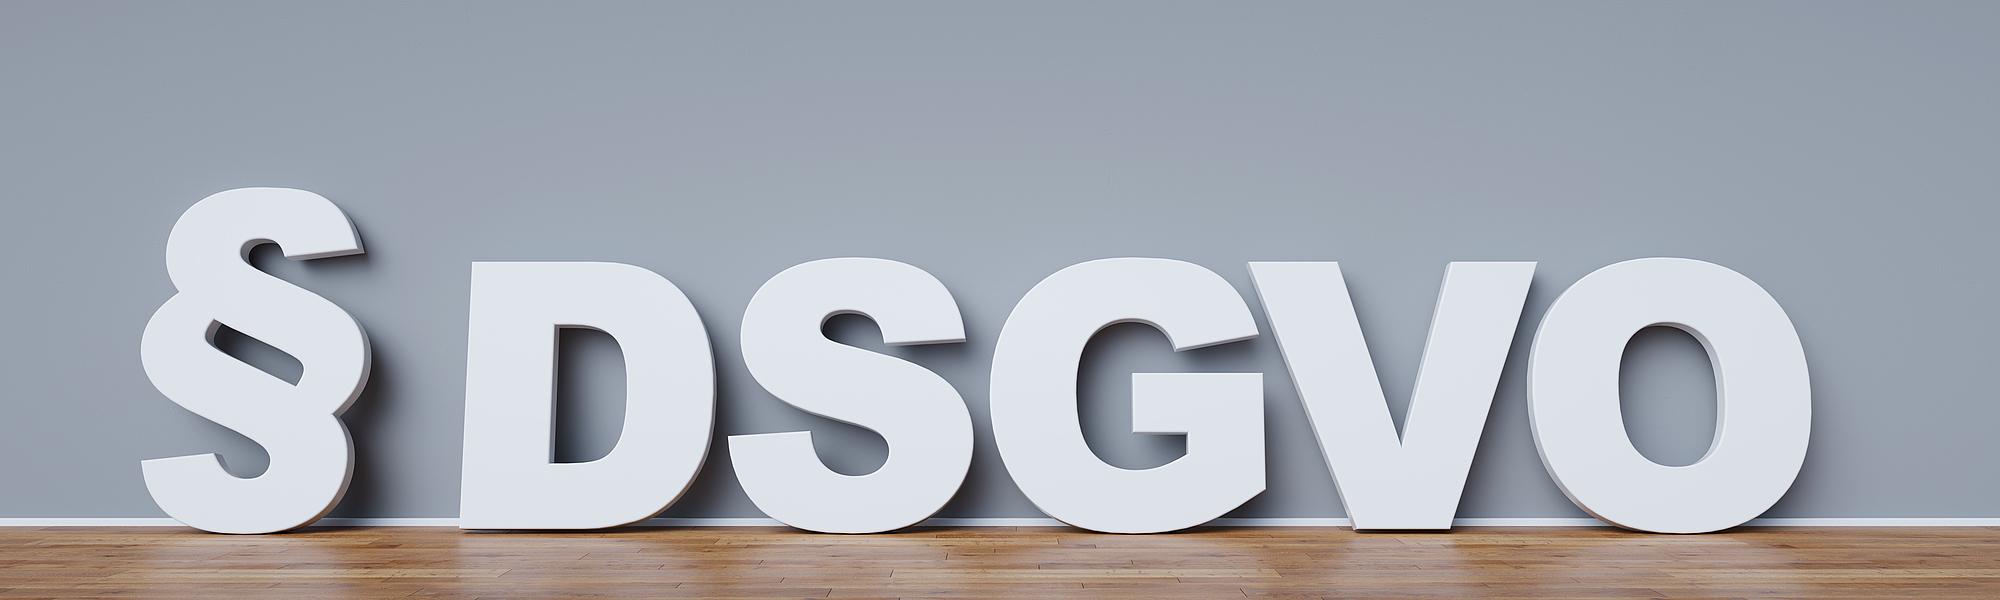 Website gestalten nach DSGVO